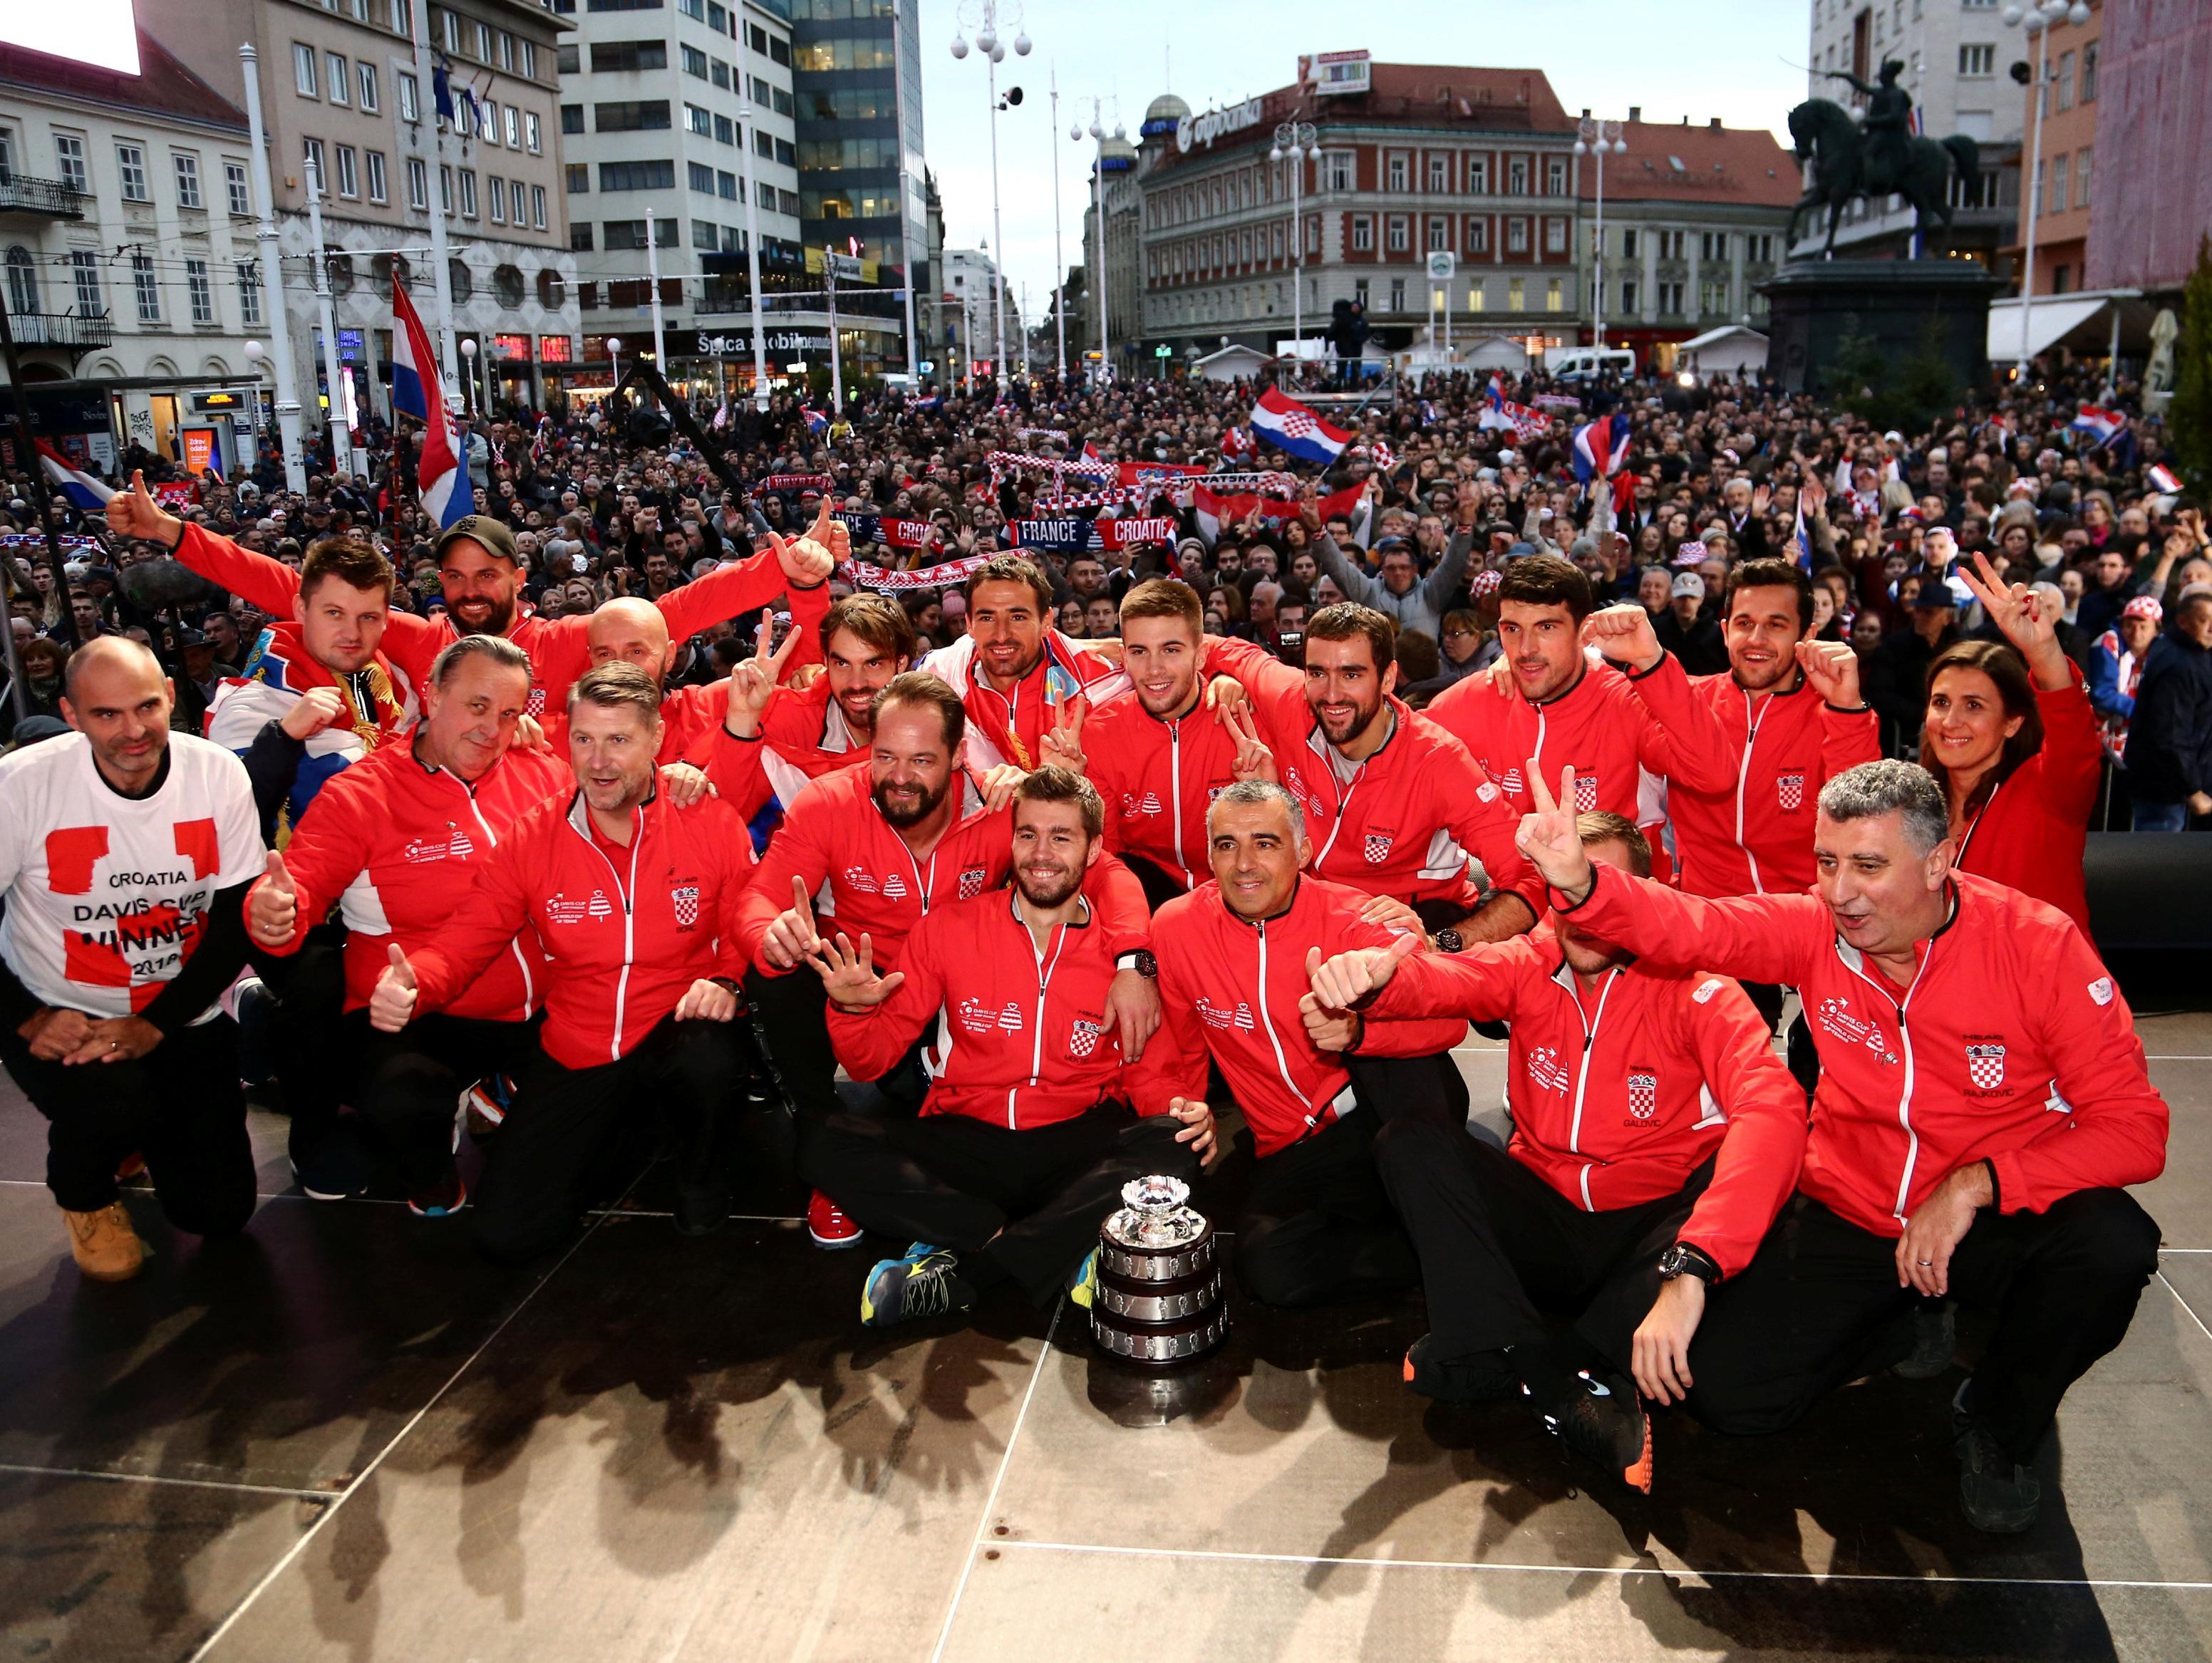 אלפי אוהדים קיבלו את נבחרת קרואטיה, צ'יליץ':